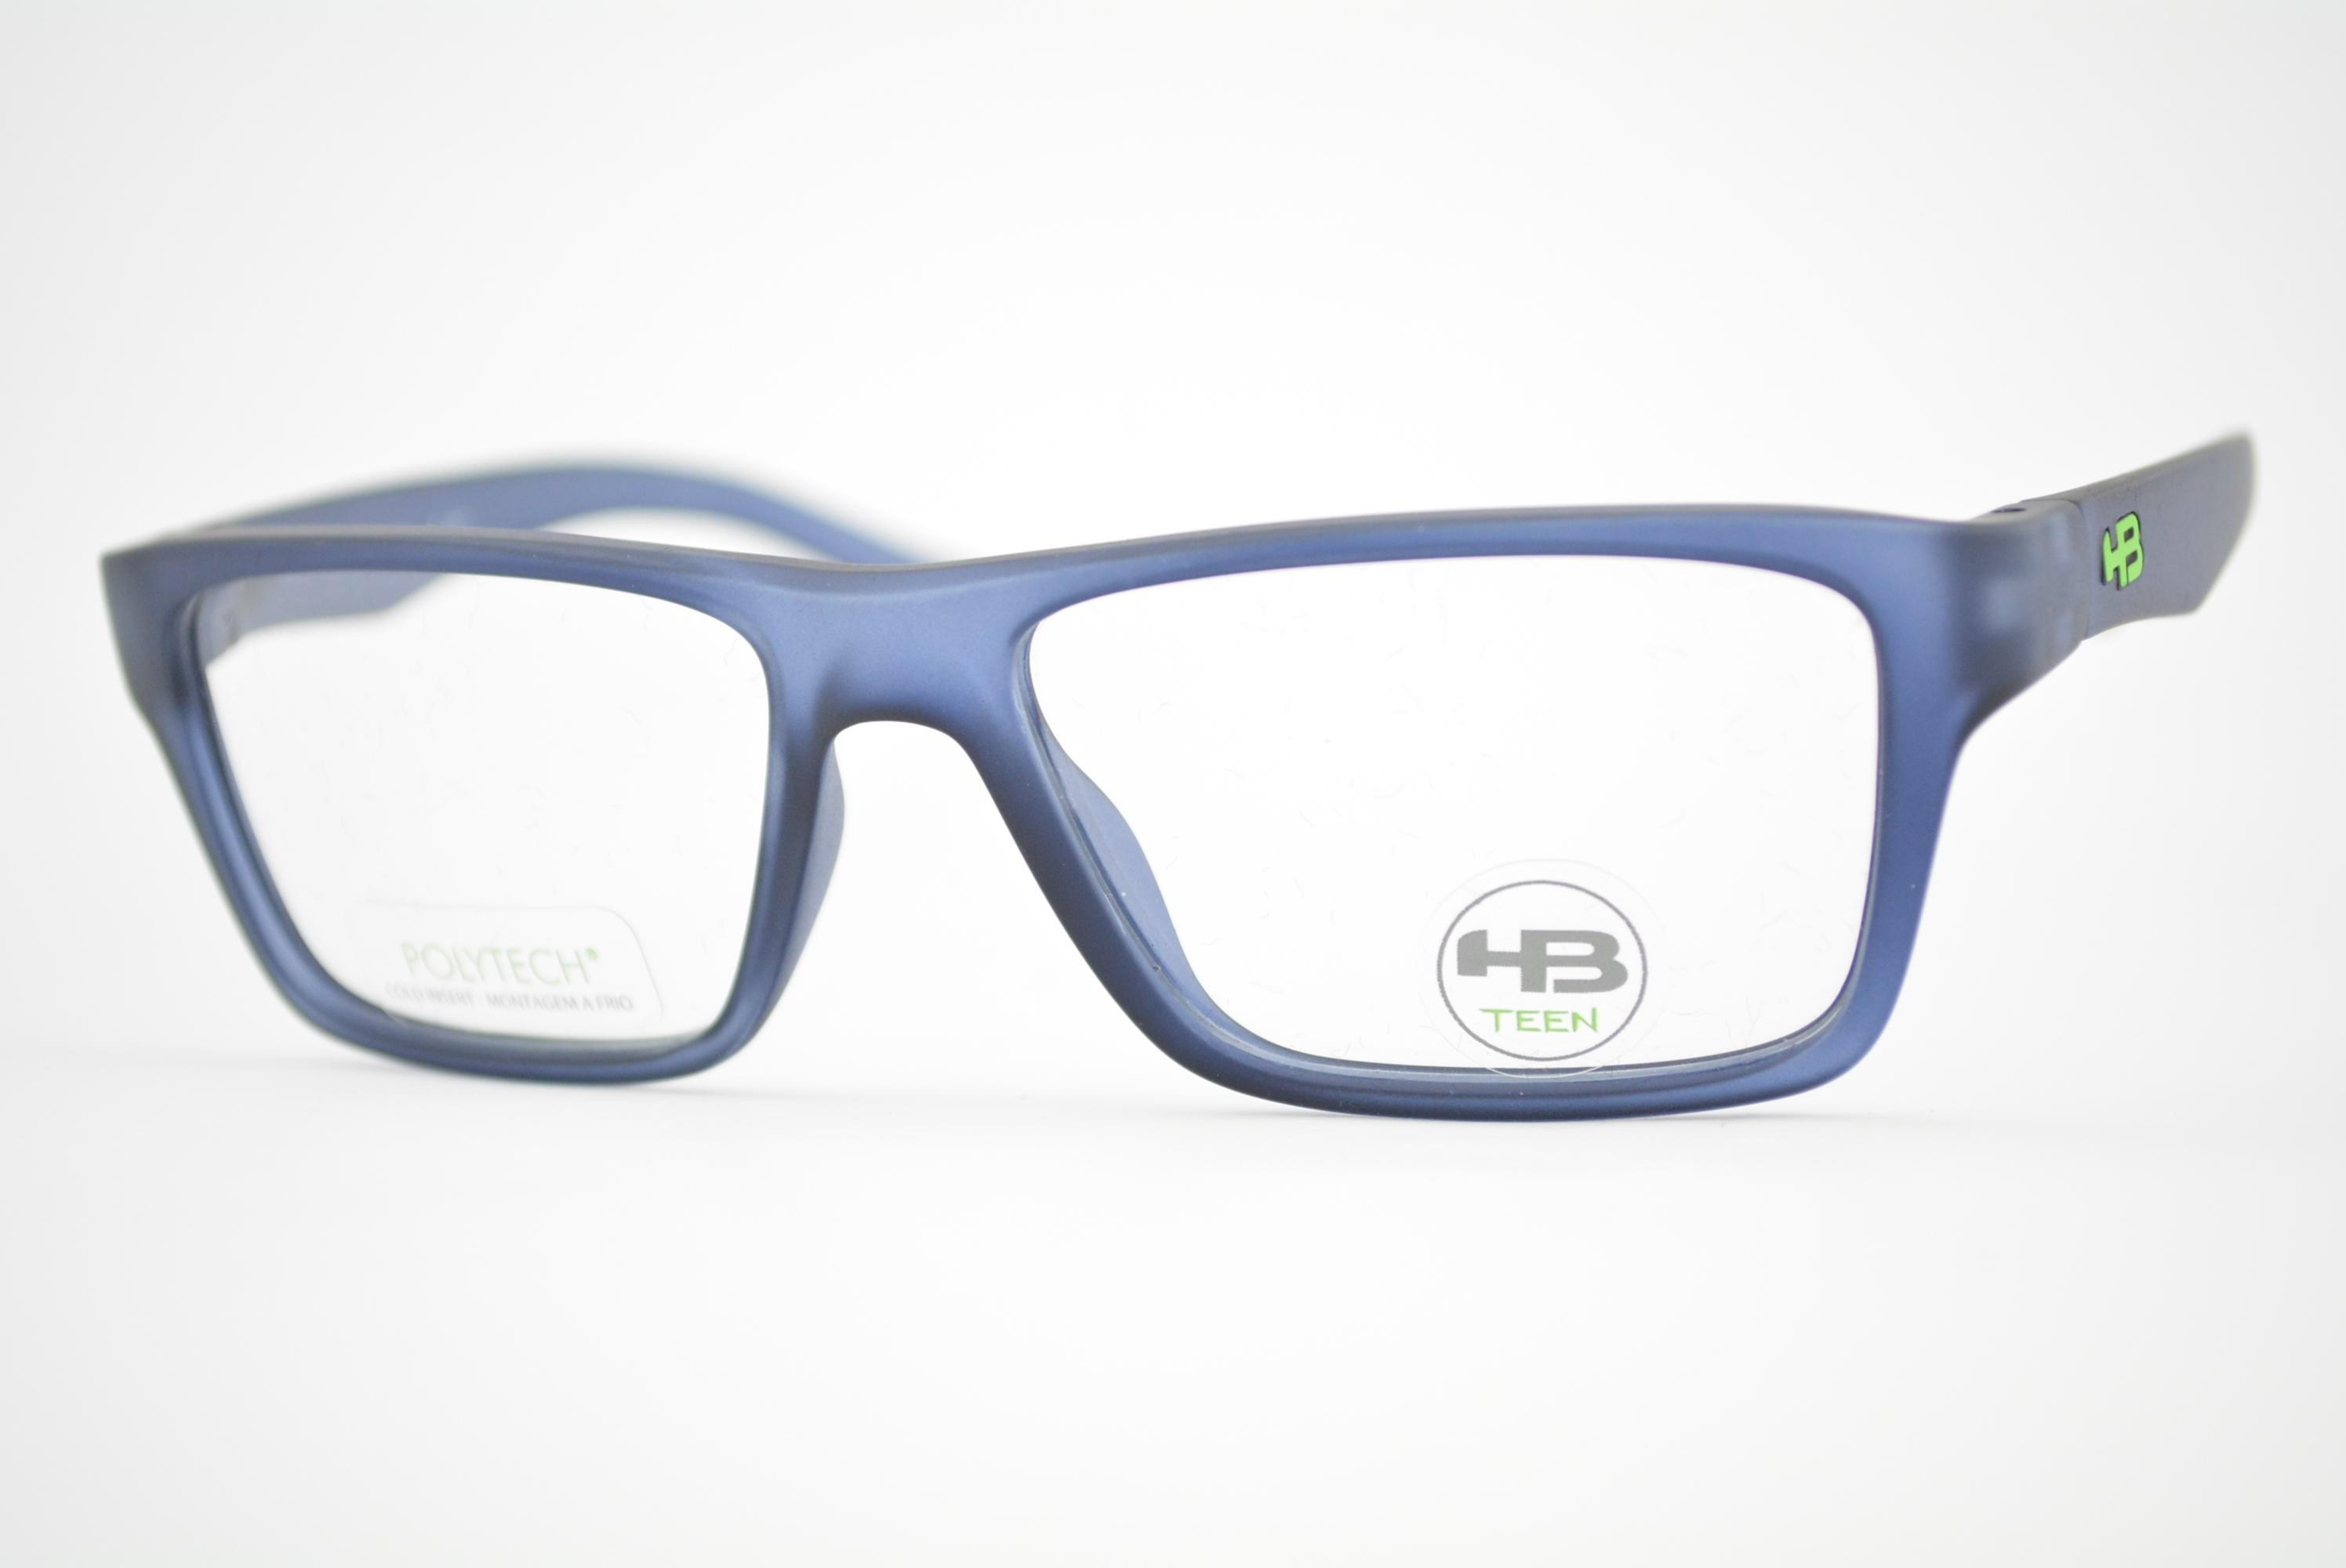 armação de óculos HB Teen mod m.93126 c737 Ótica Cardoso 50a8cd0324